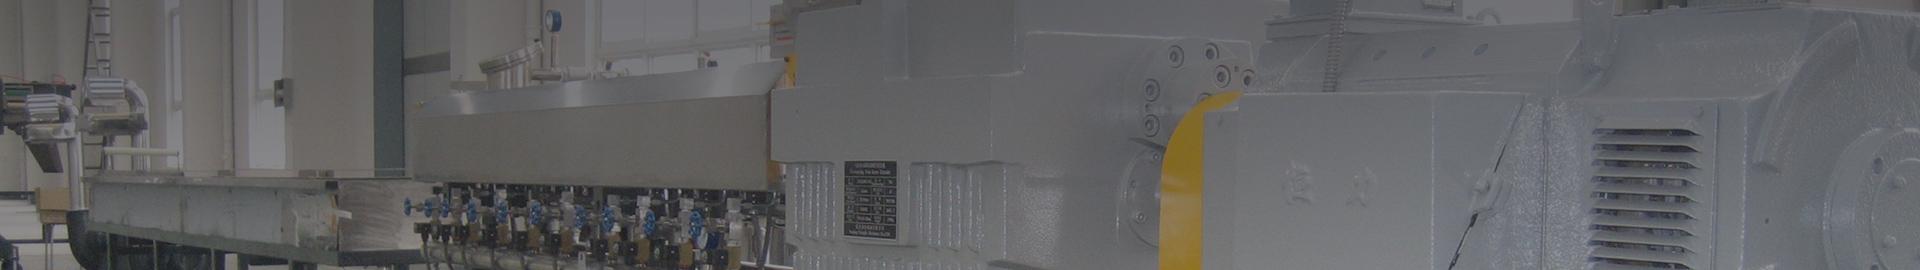 Экструзионное оборудование для производства полимерных изделий